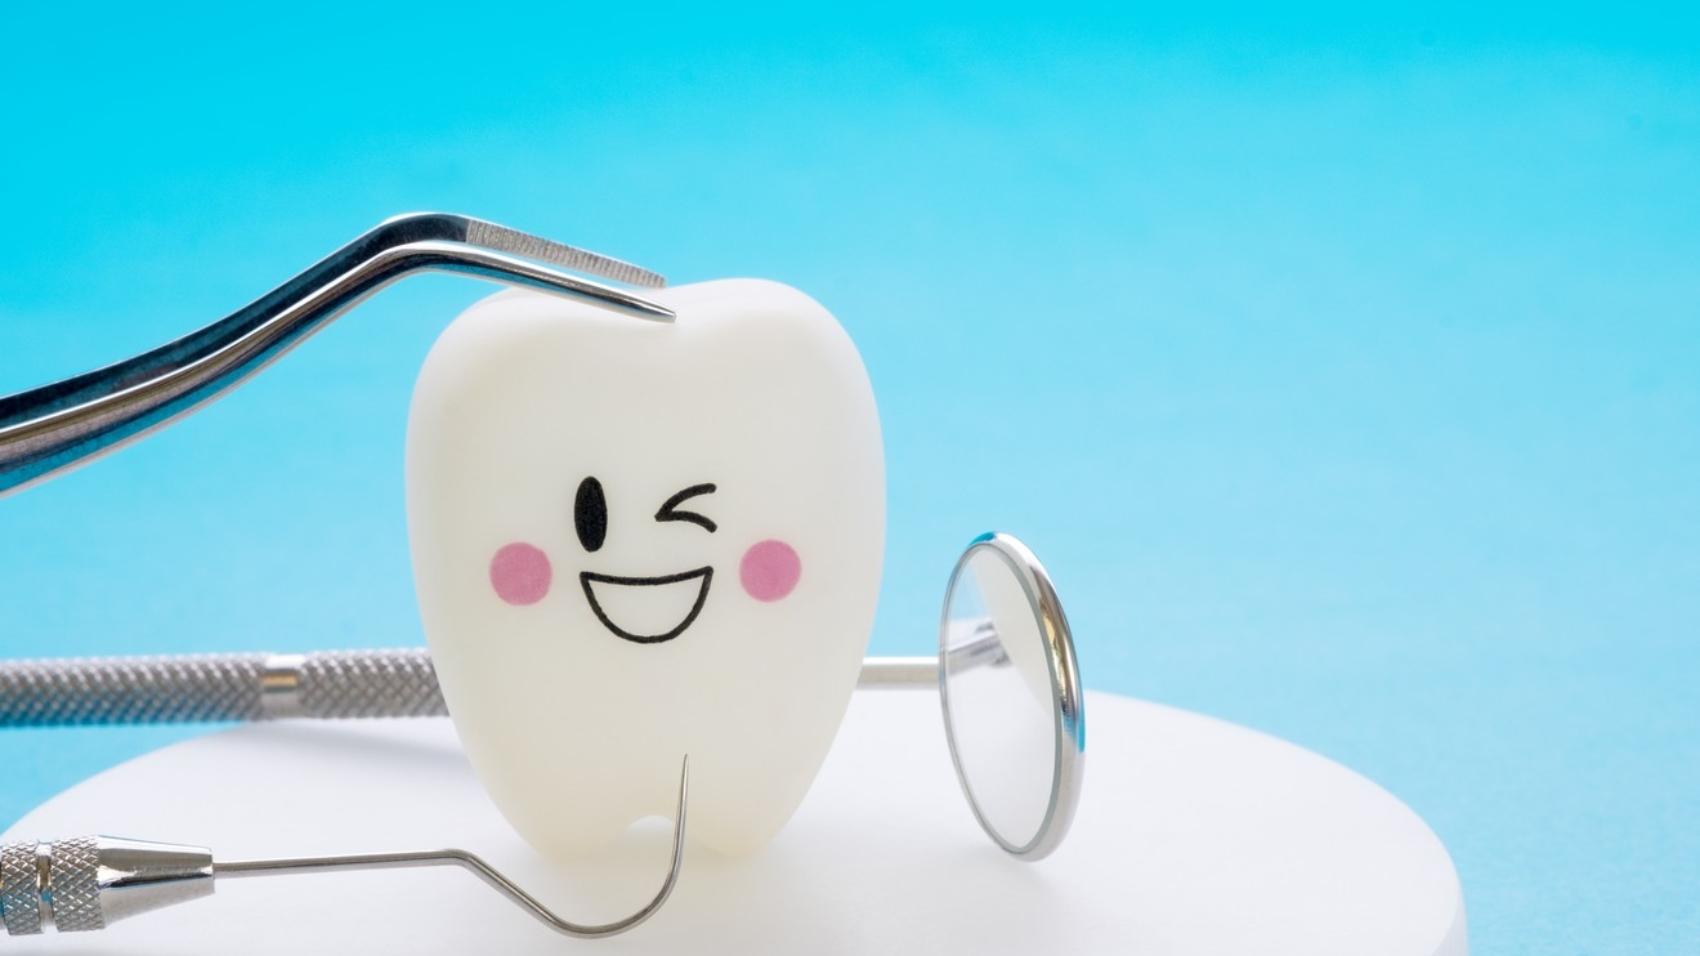 8 พฤติกรรม เสี่ยงฟันผุ เสียวฟัน